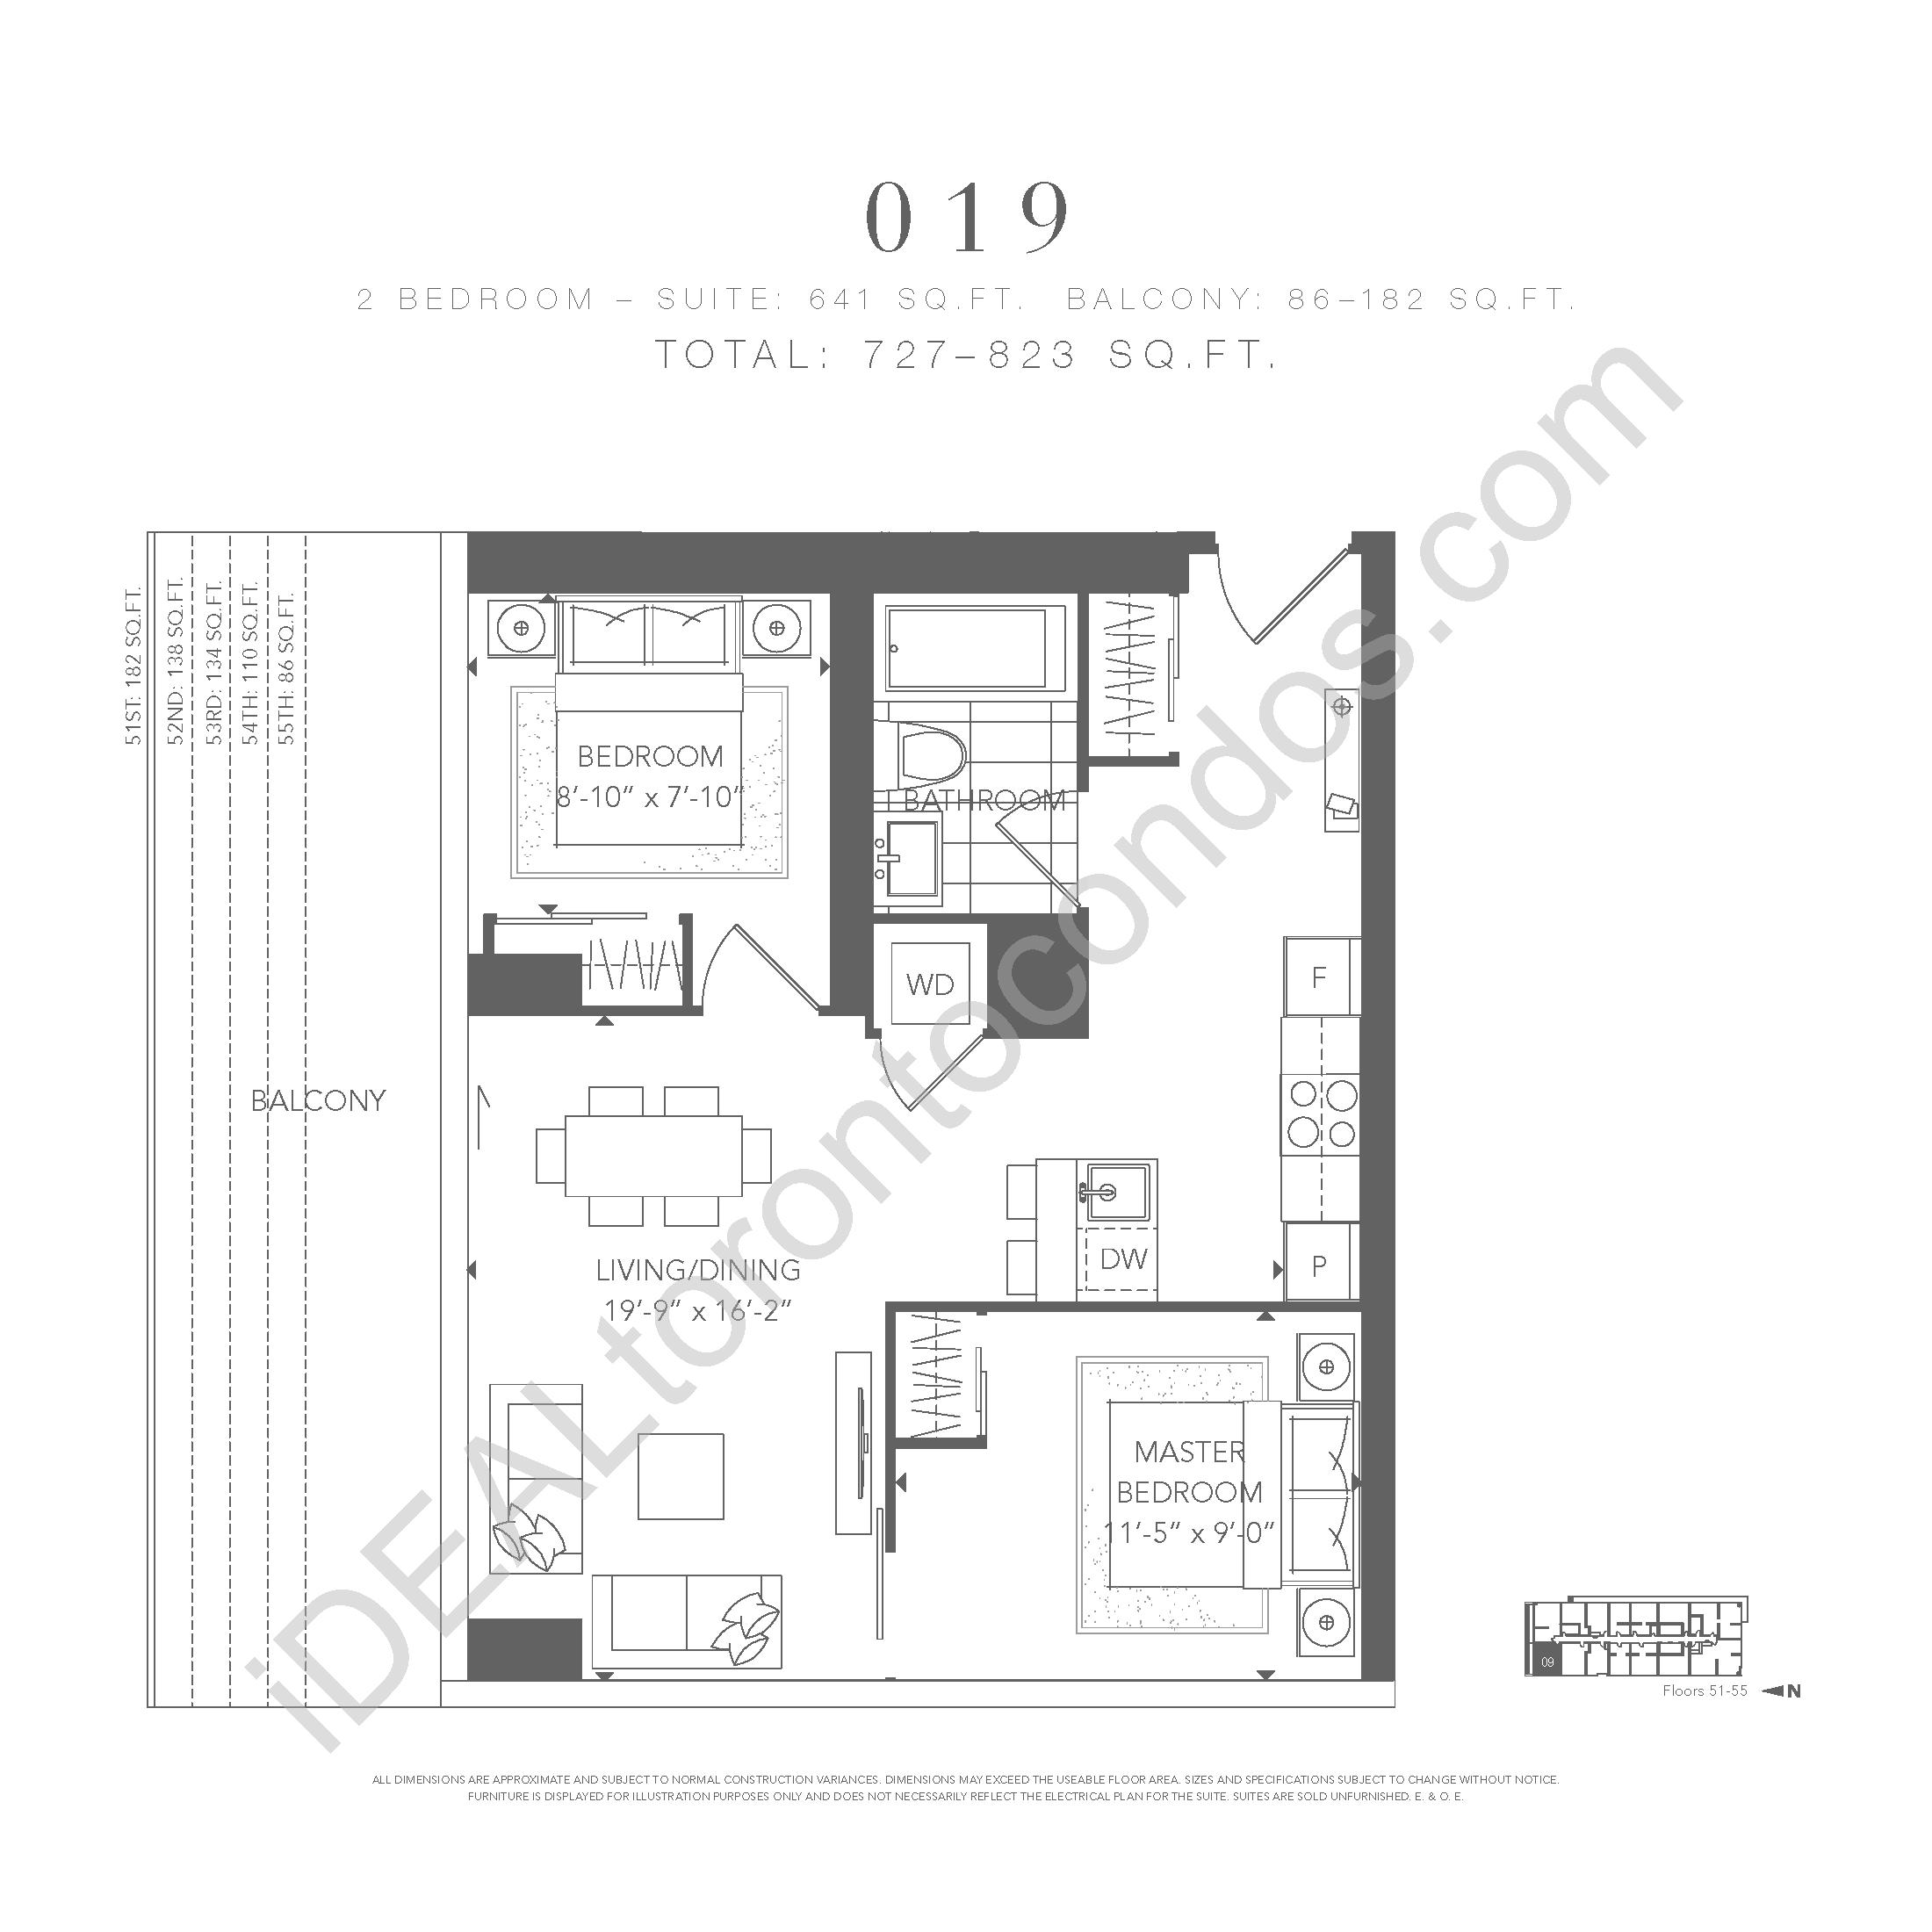 2 bedroom 019